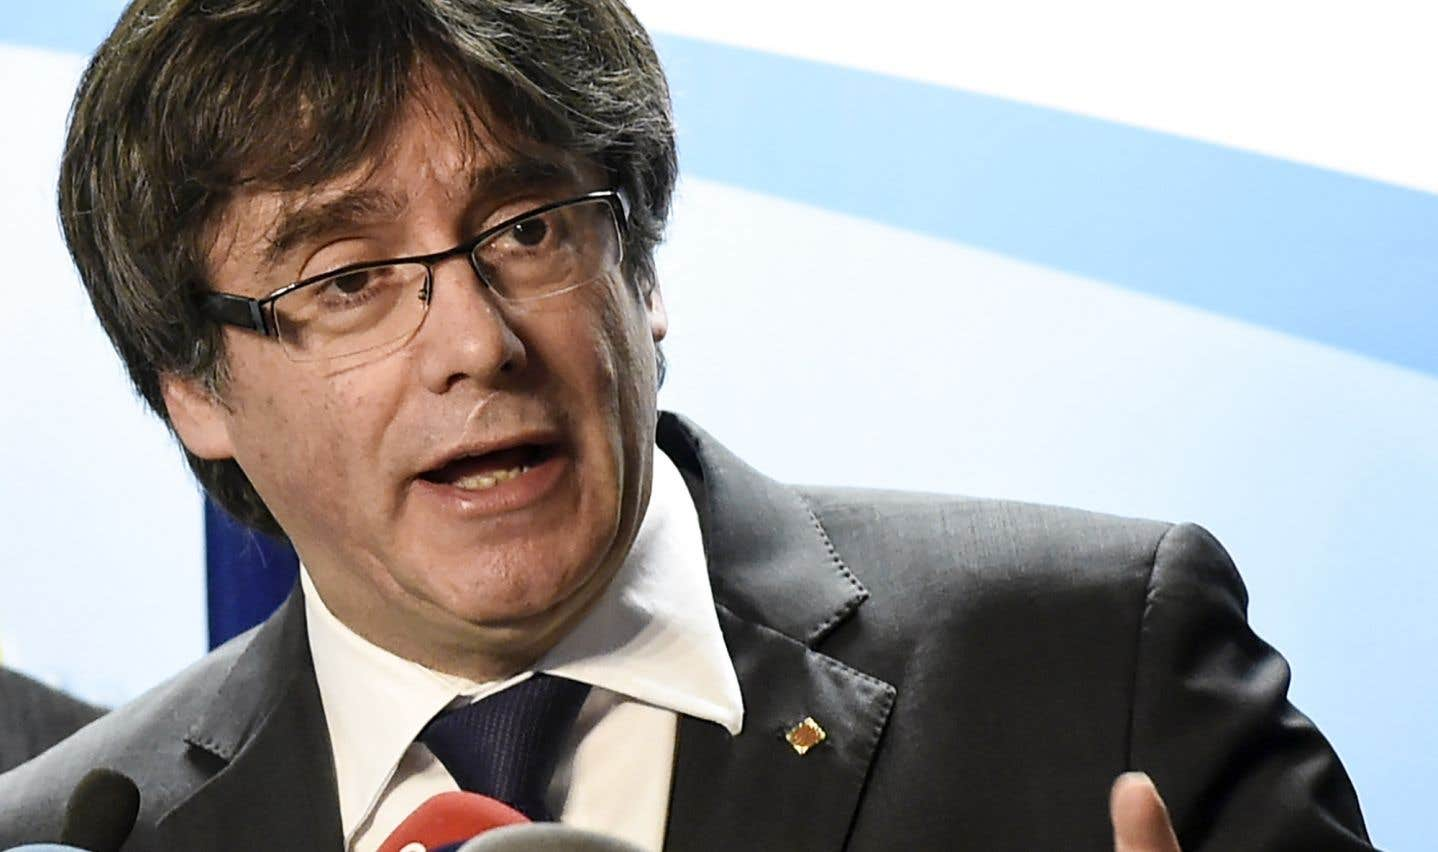 Carles Puigdemont a l'intention de diriger la Catalogne via Skype, une idée qui est loin de faire l'unanimité.